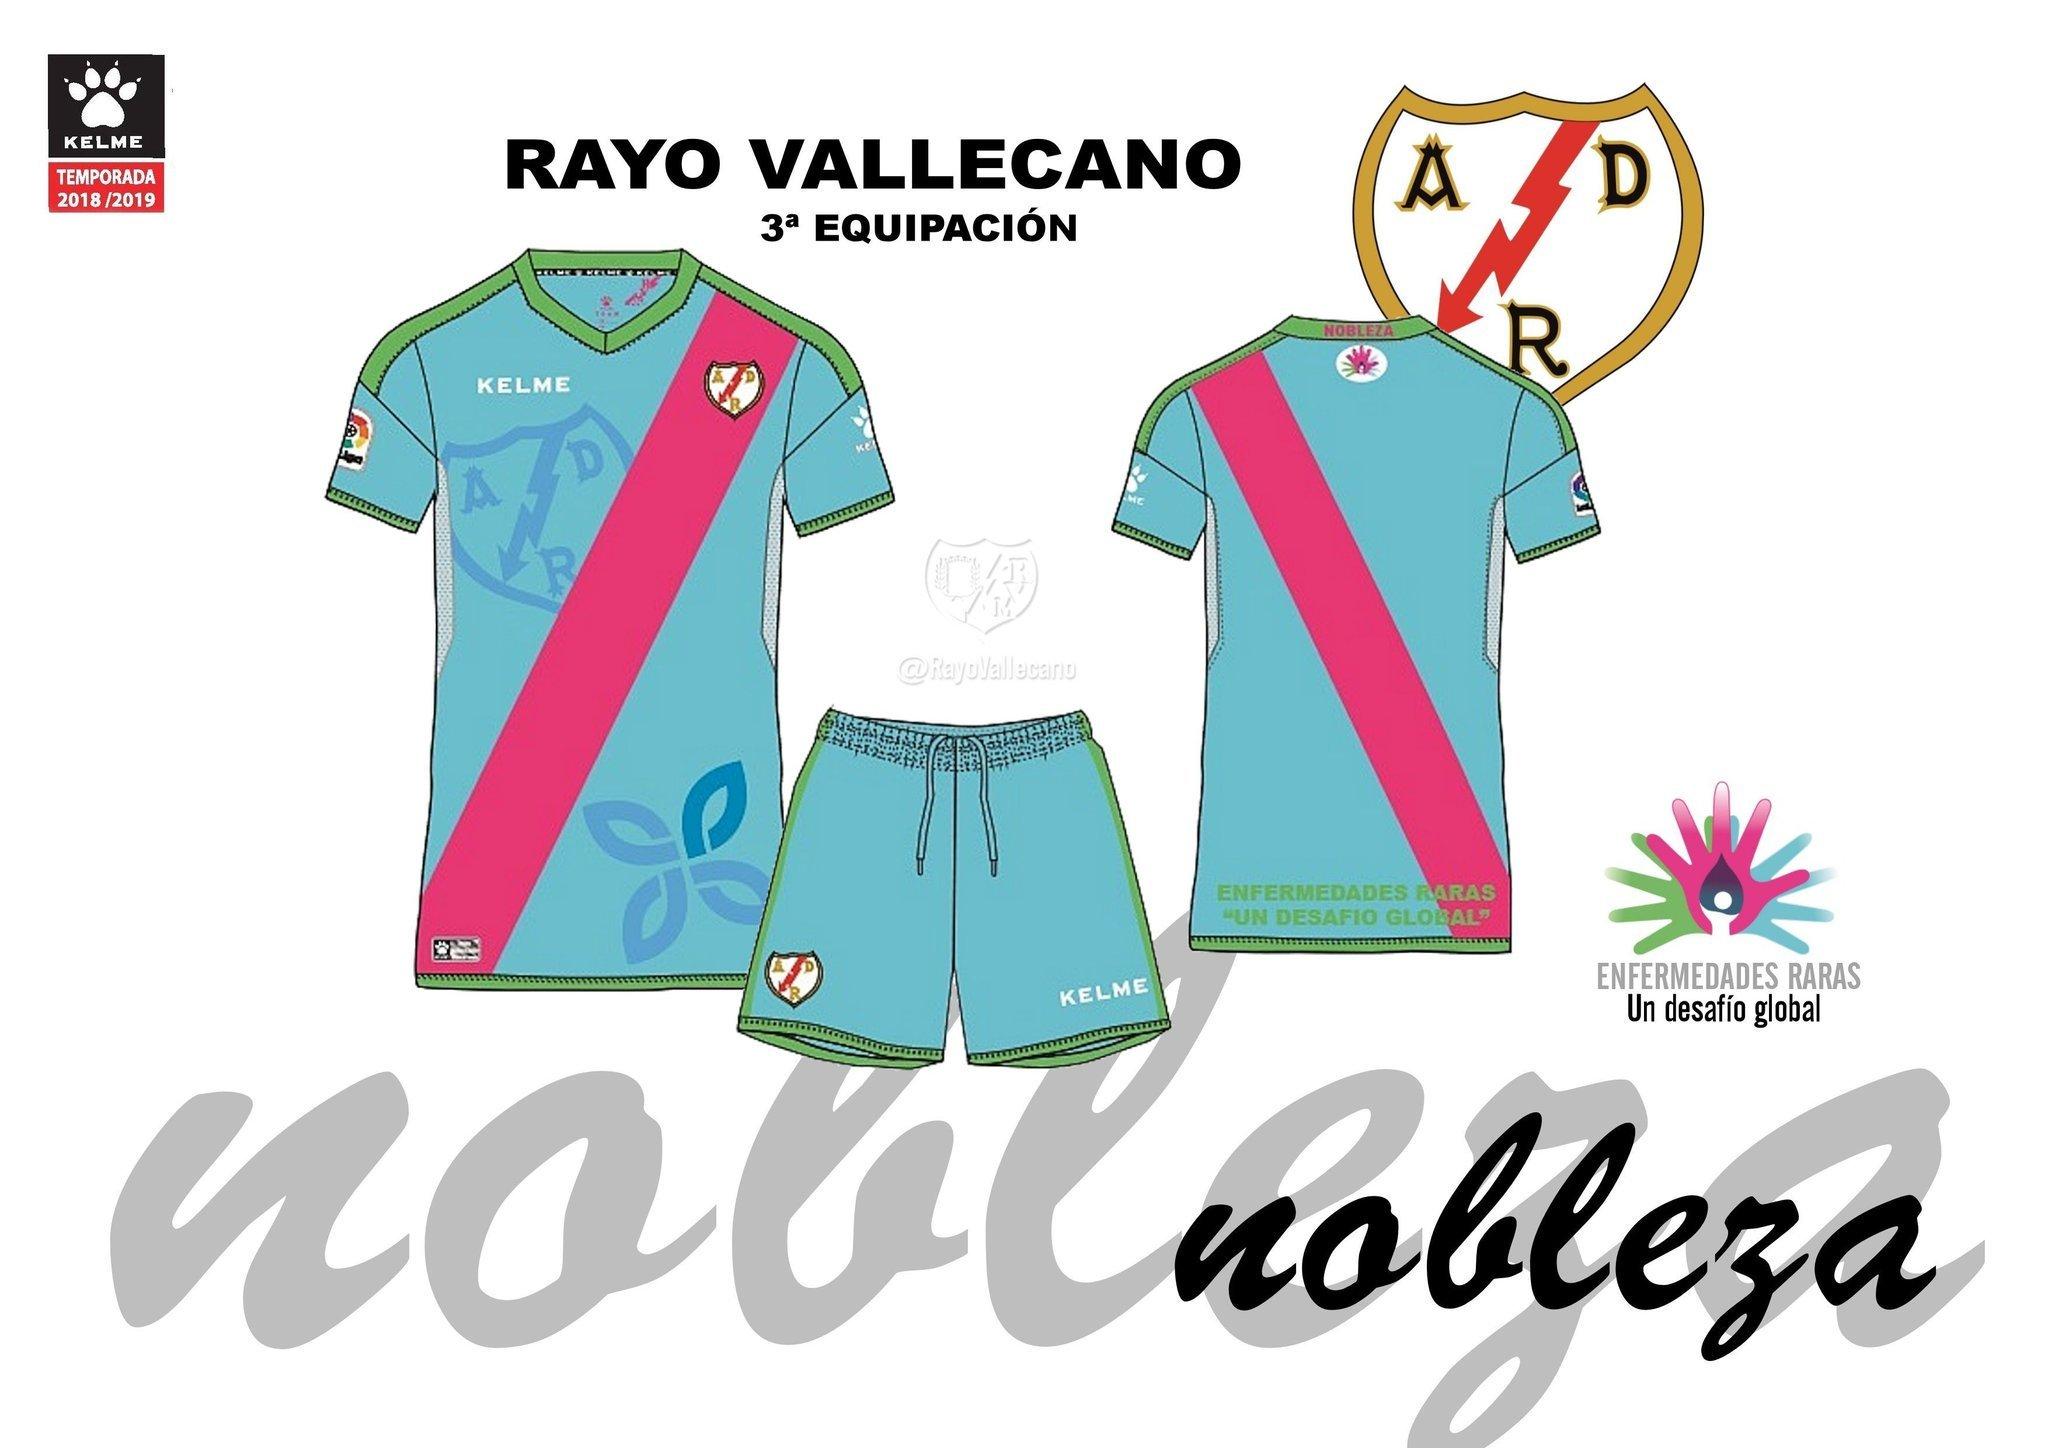 Rayo Vallecano: Las peñas del Rayo rechazan la tercera camis